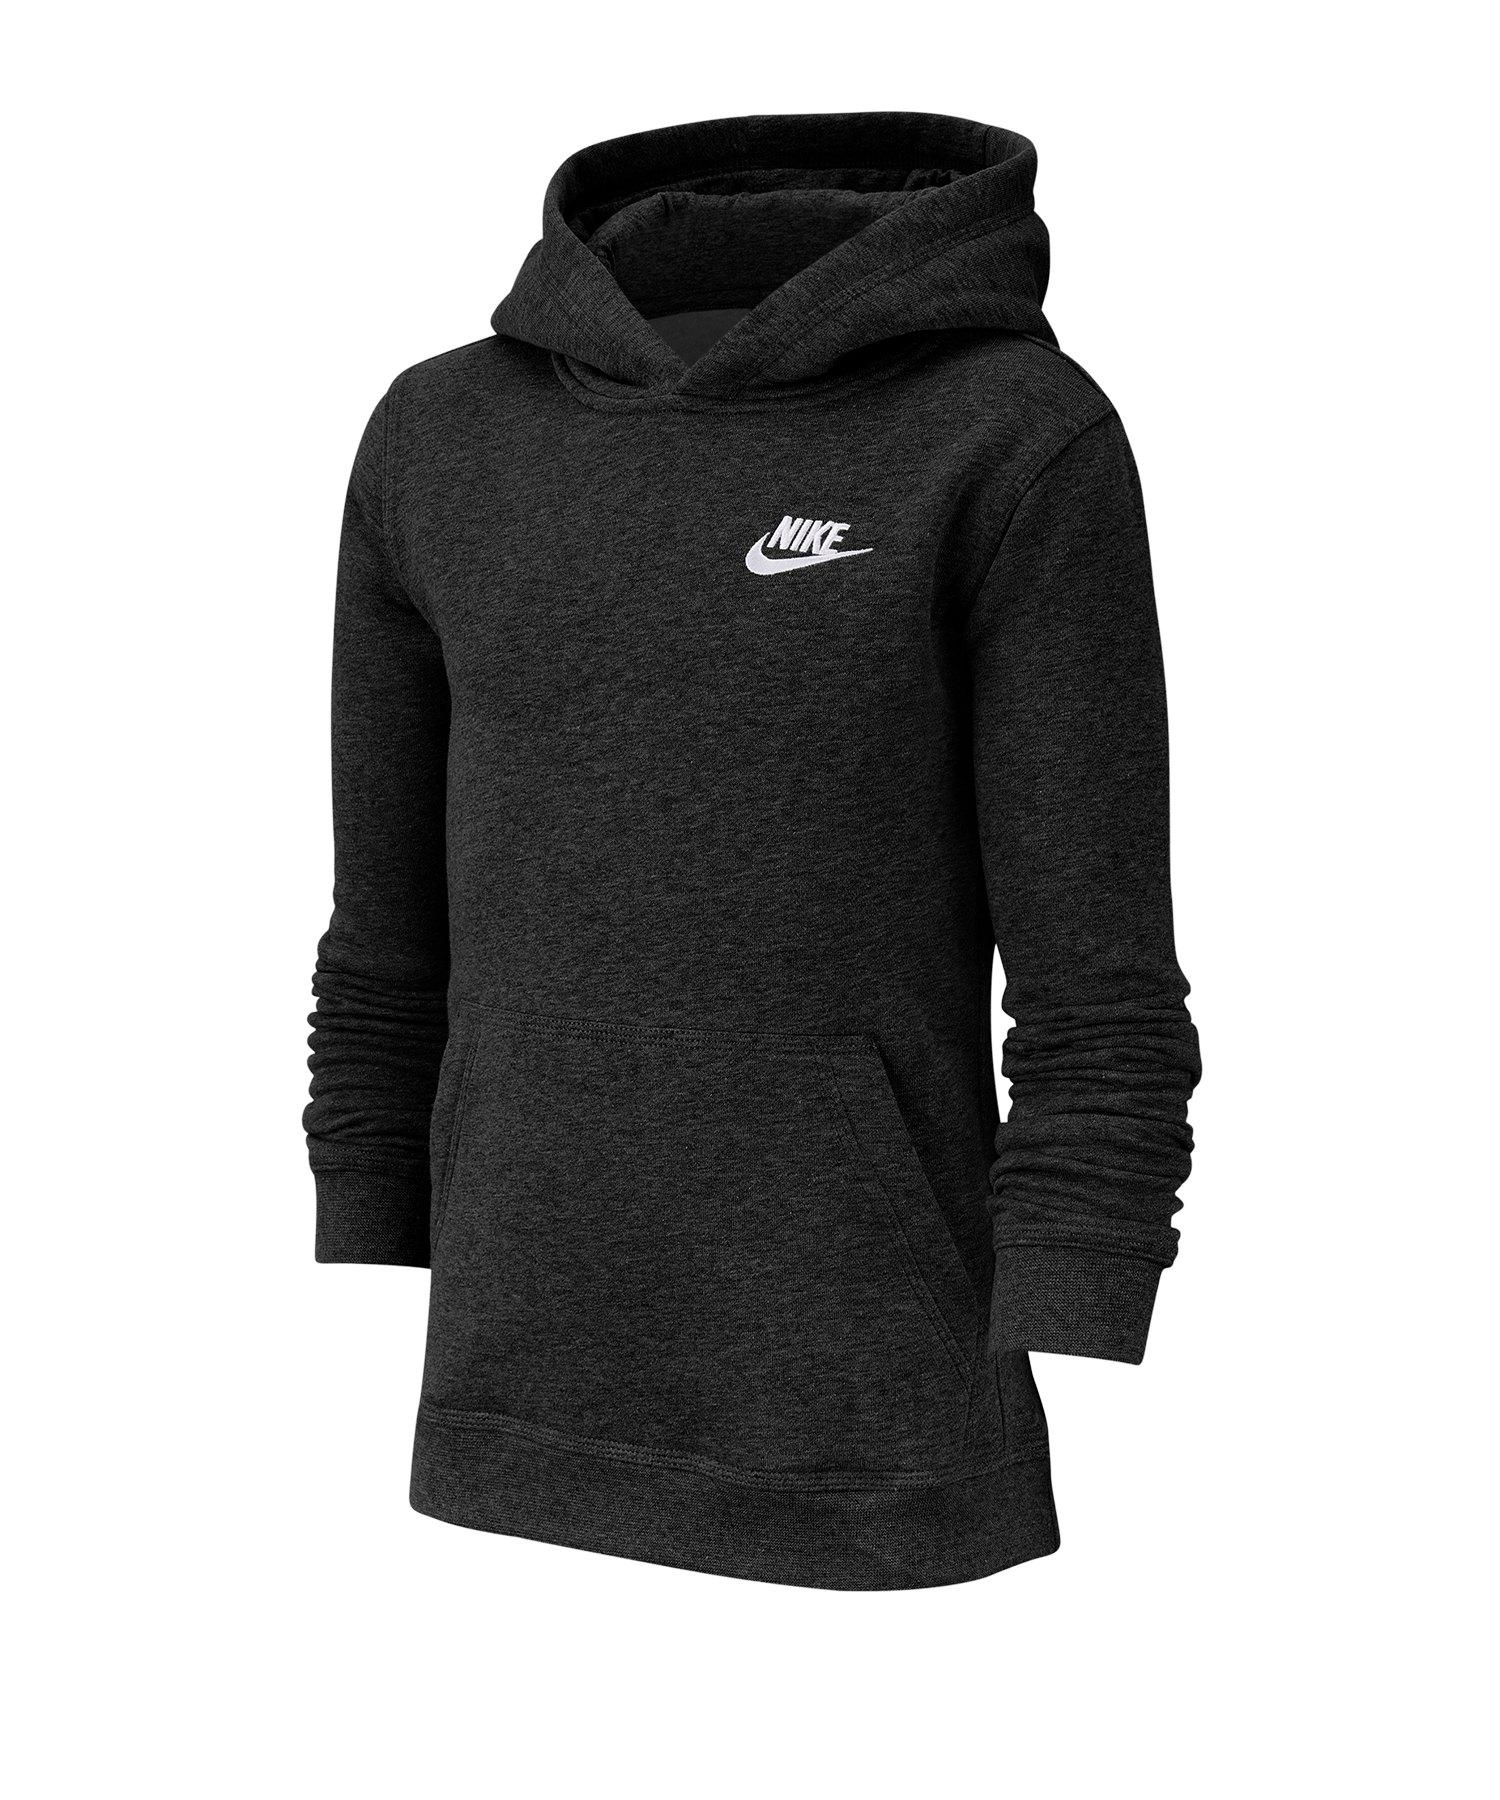 Nike Club Hoody Kids Schwarz F011 - schwarz